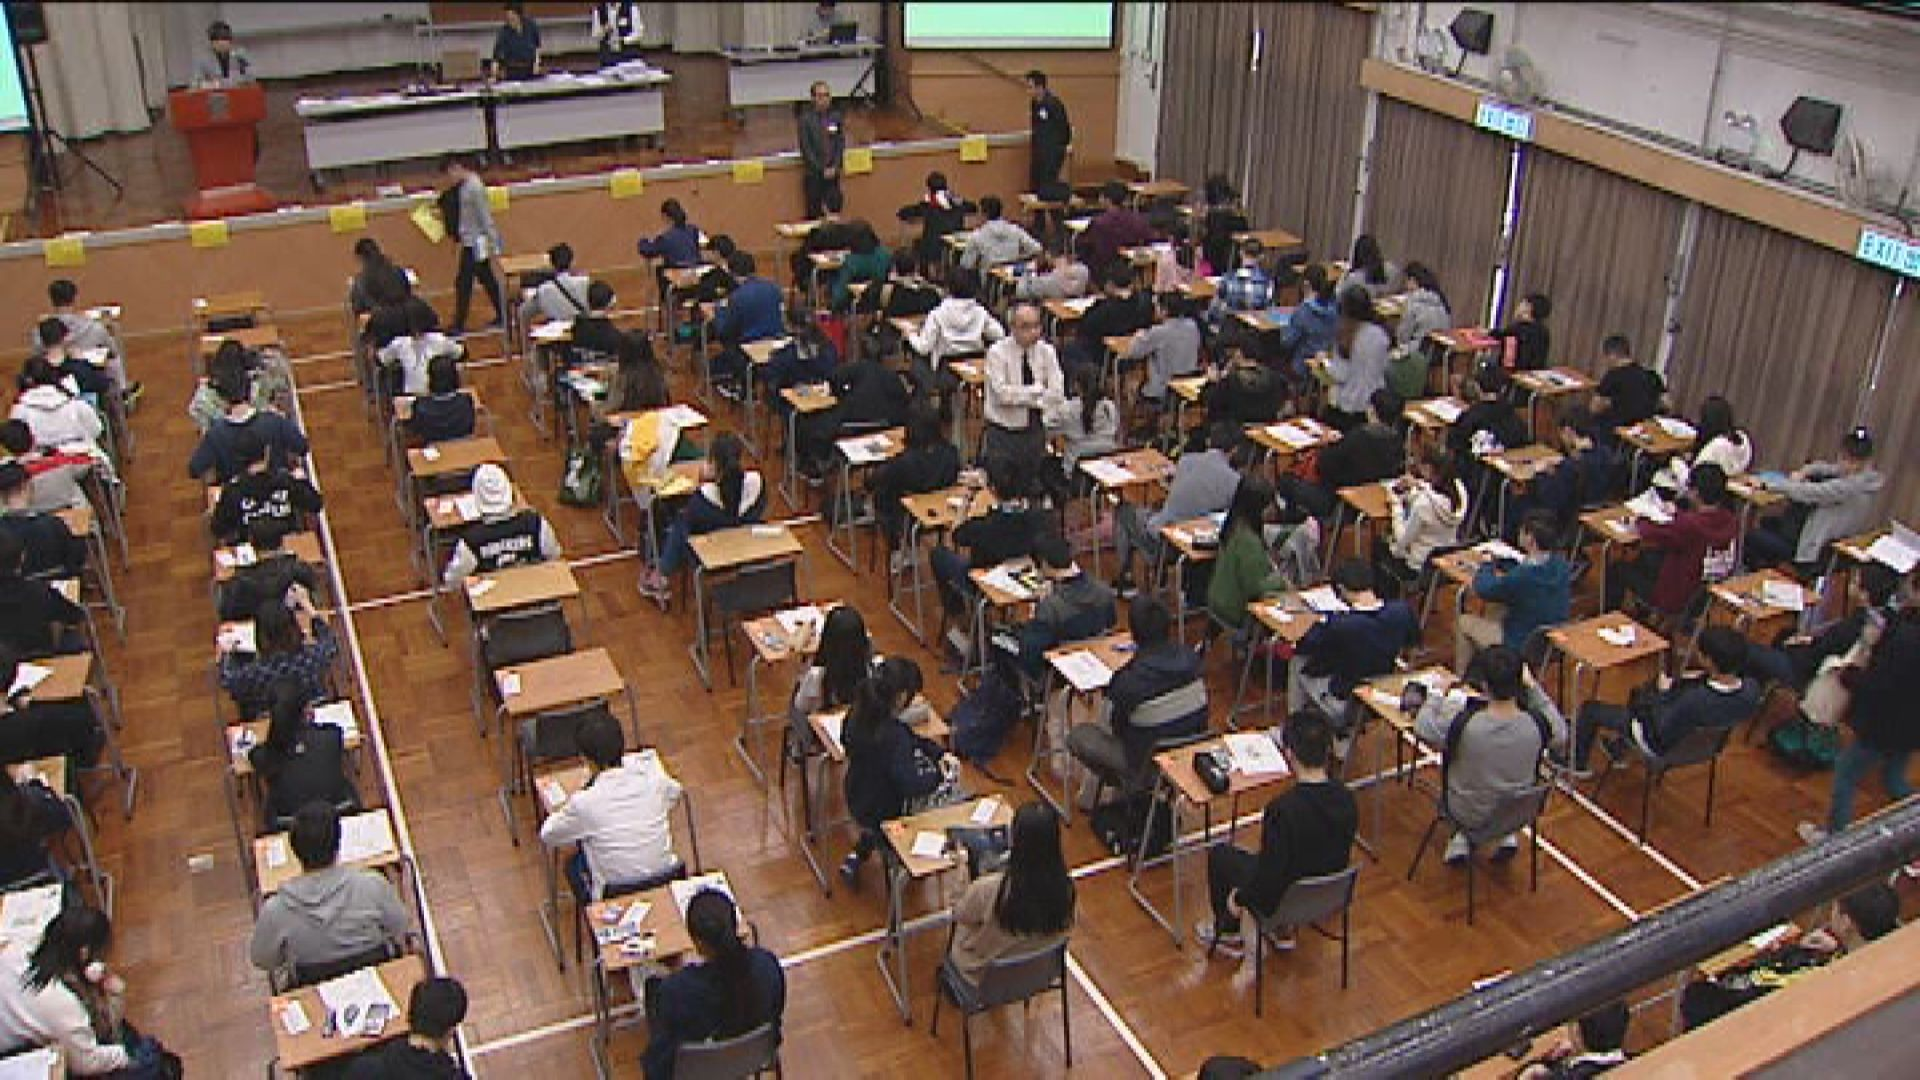 楊潤雄︰文憑試考生互相感染機會很低 適合如期開考